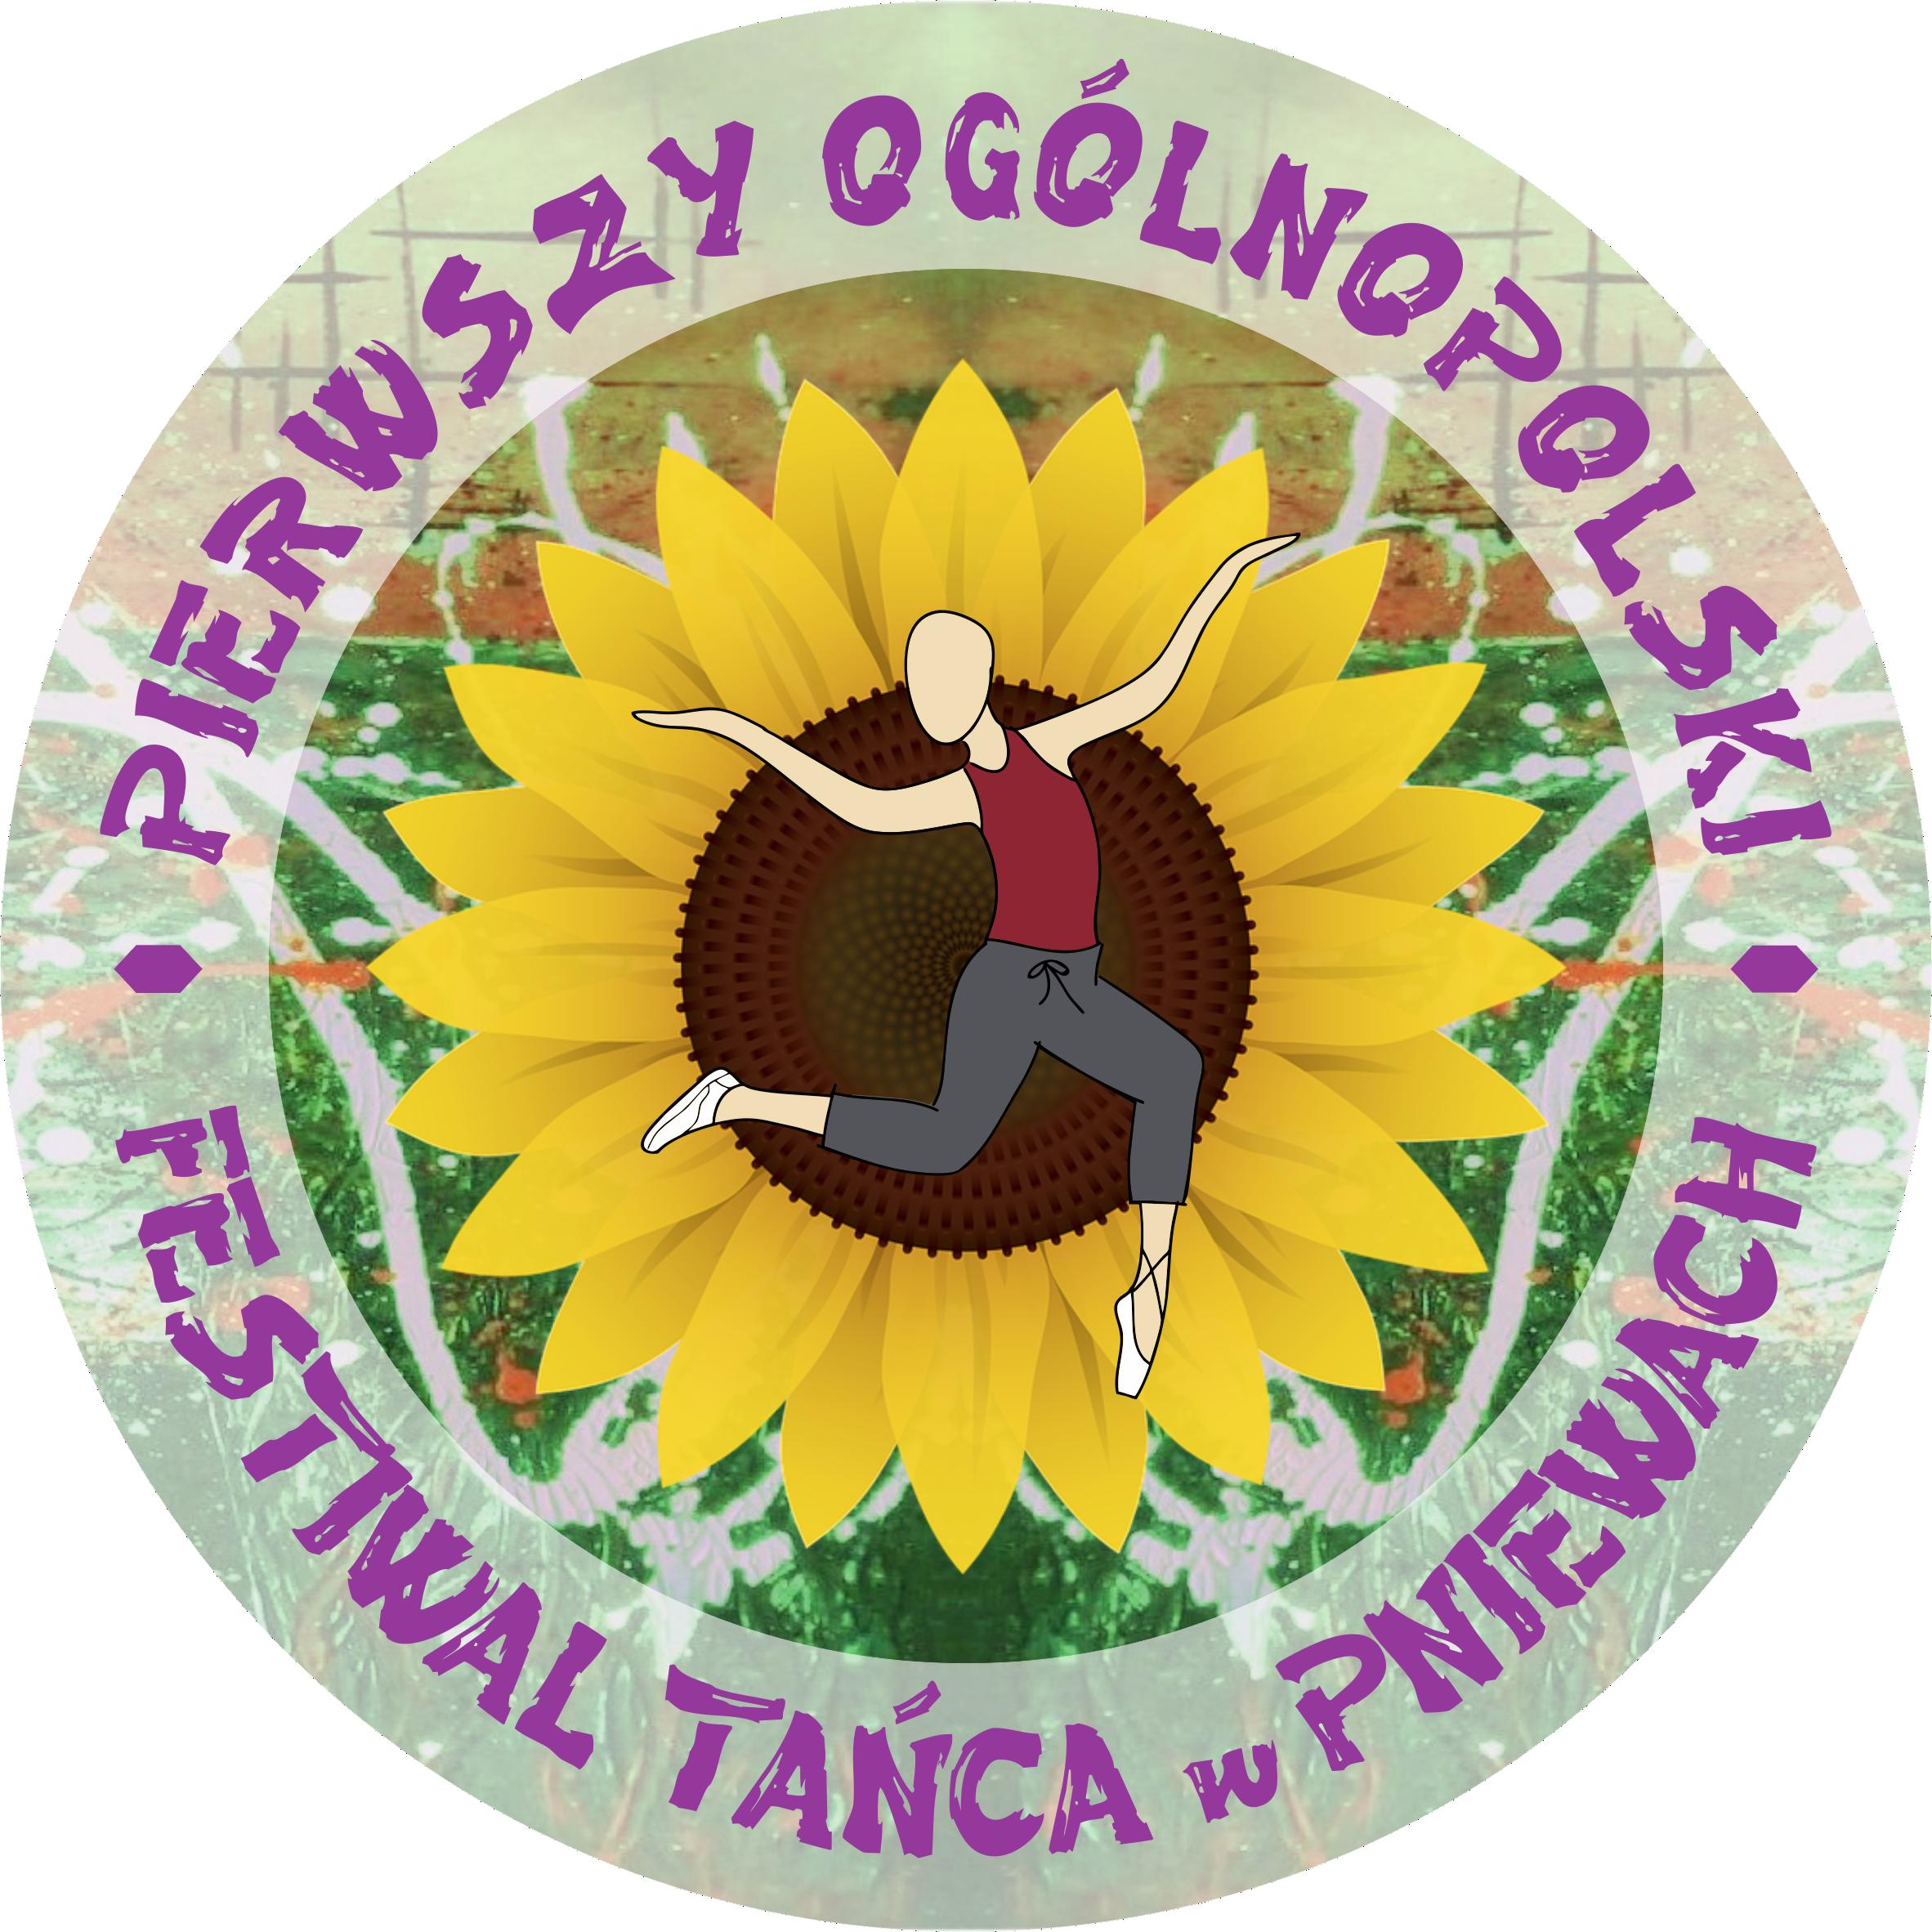 II Ogólnopolski Festiwal Tańca w Pniewach